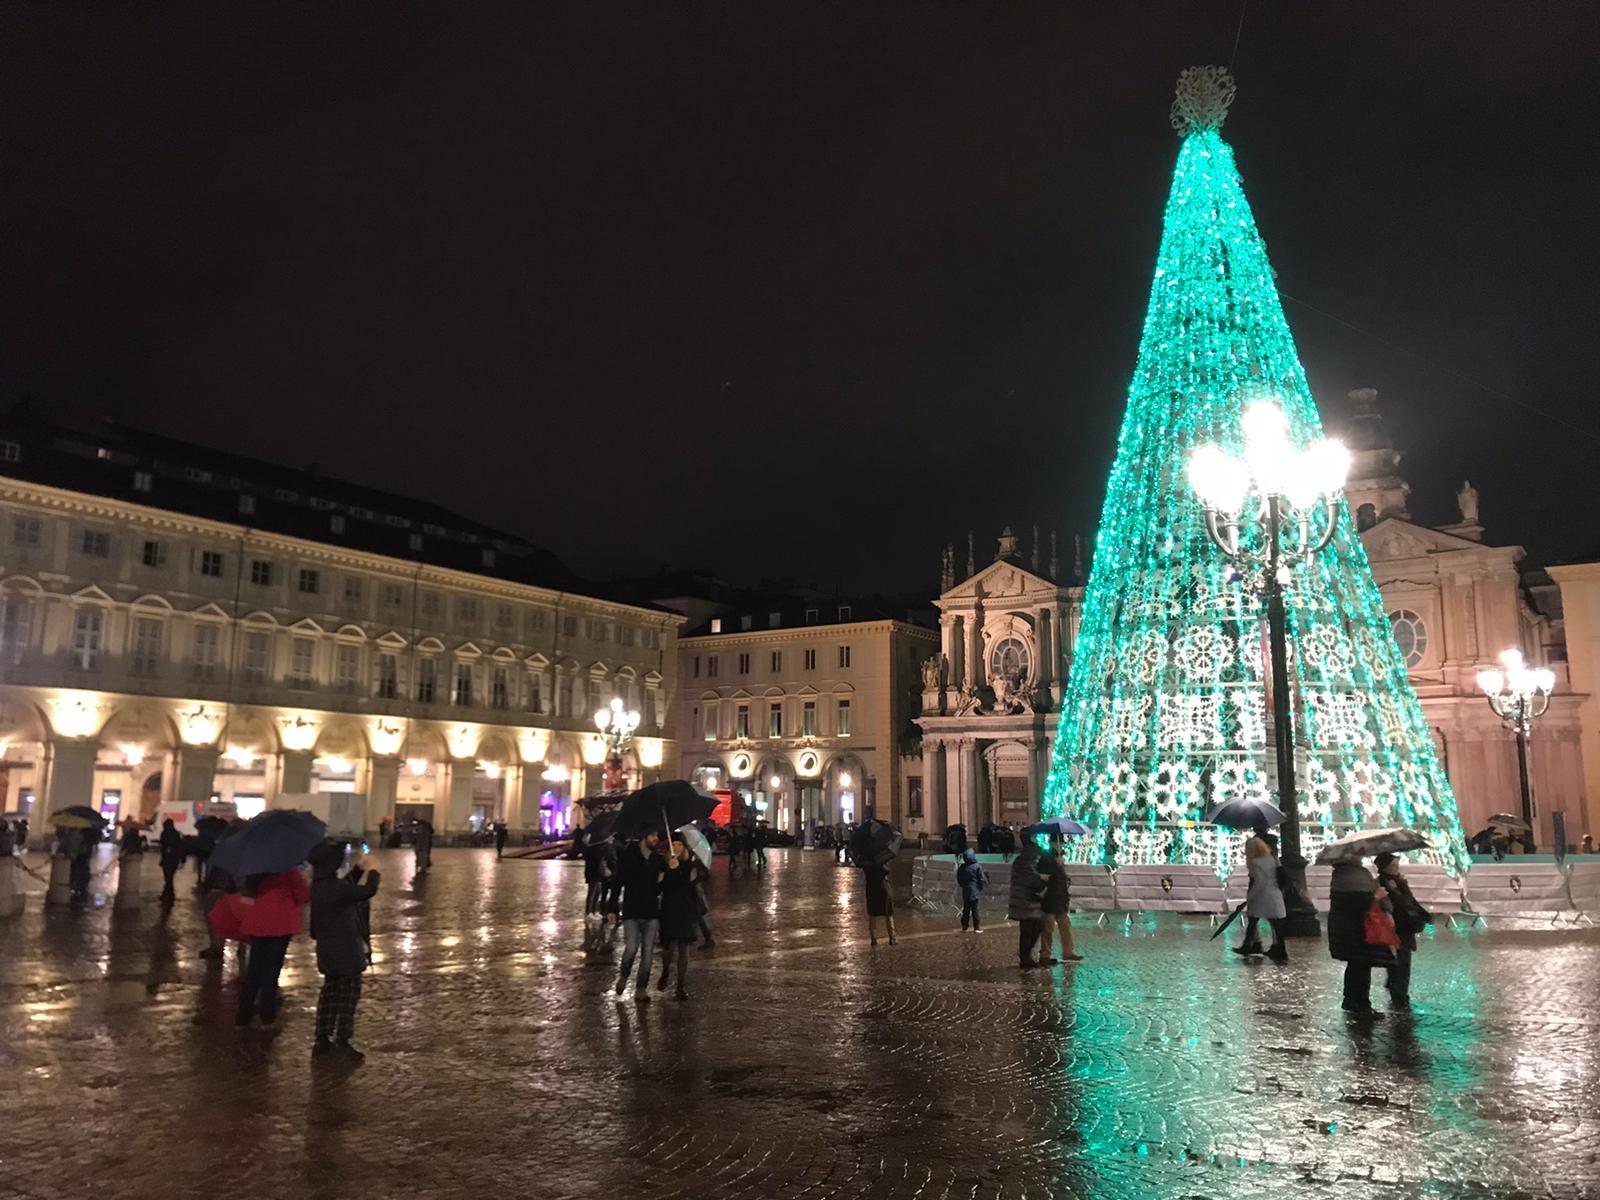 Albero Di Natale A Torino.Si Accende L Albero Di Piazza San Carlo A Torino Si Respira La Magia Del Natale Foto E Video Torino Oggi